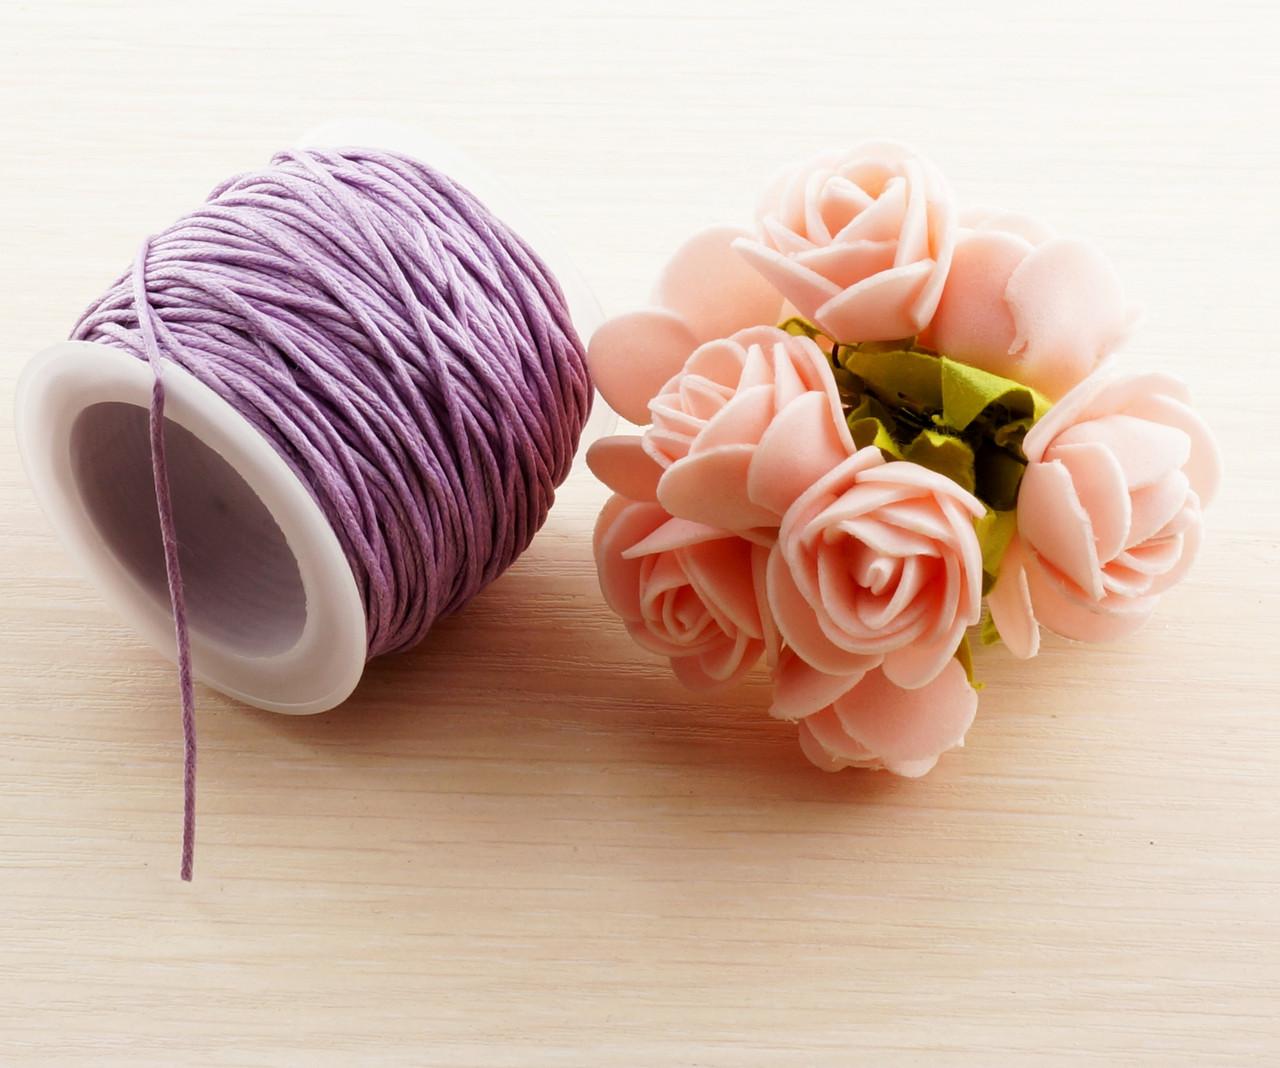 Шнур вощеный фиолетовый (1 мм) - 3 метра. Шнур для бижутерии, шитья и творчества тонкий